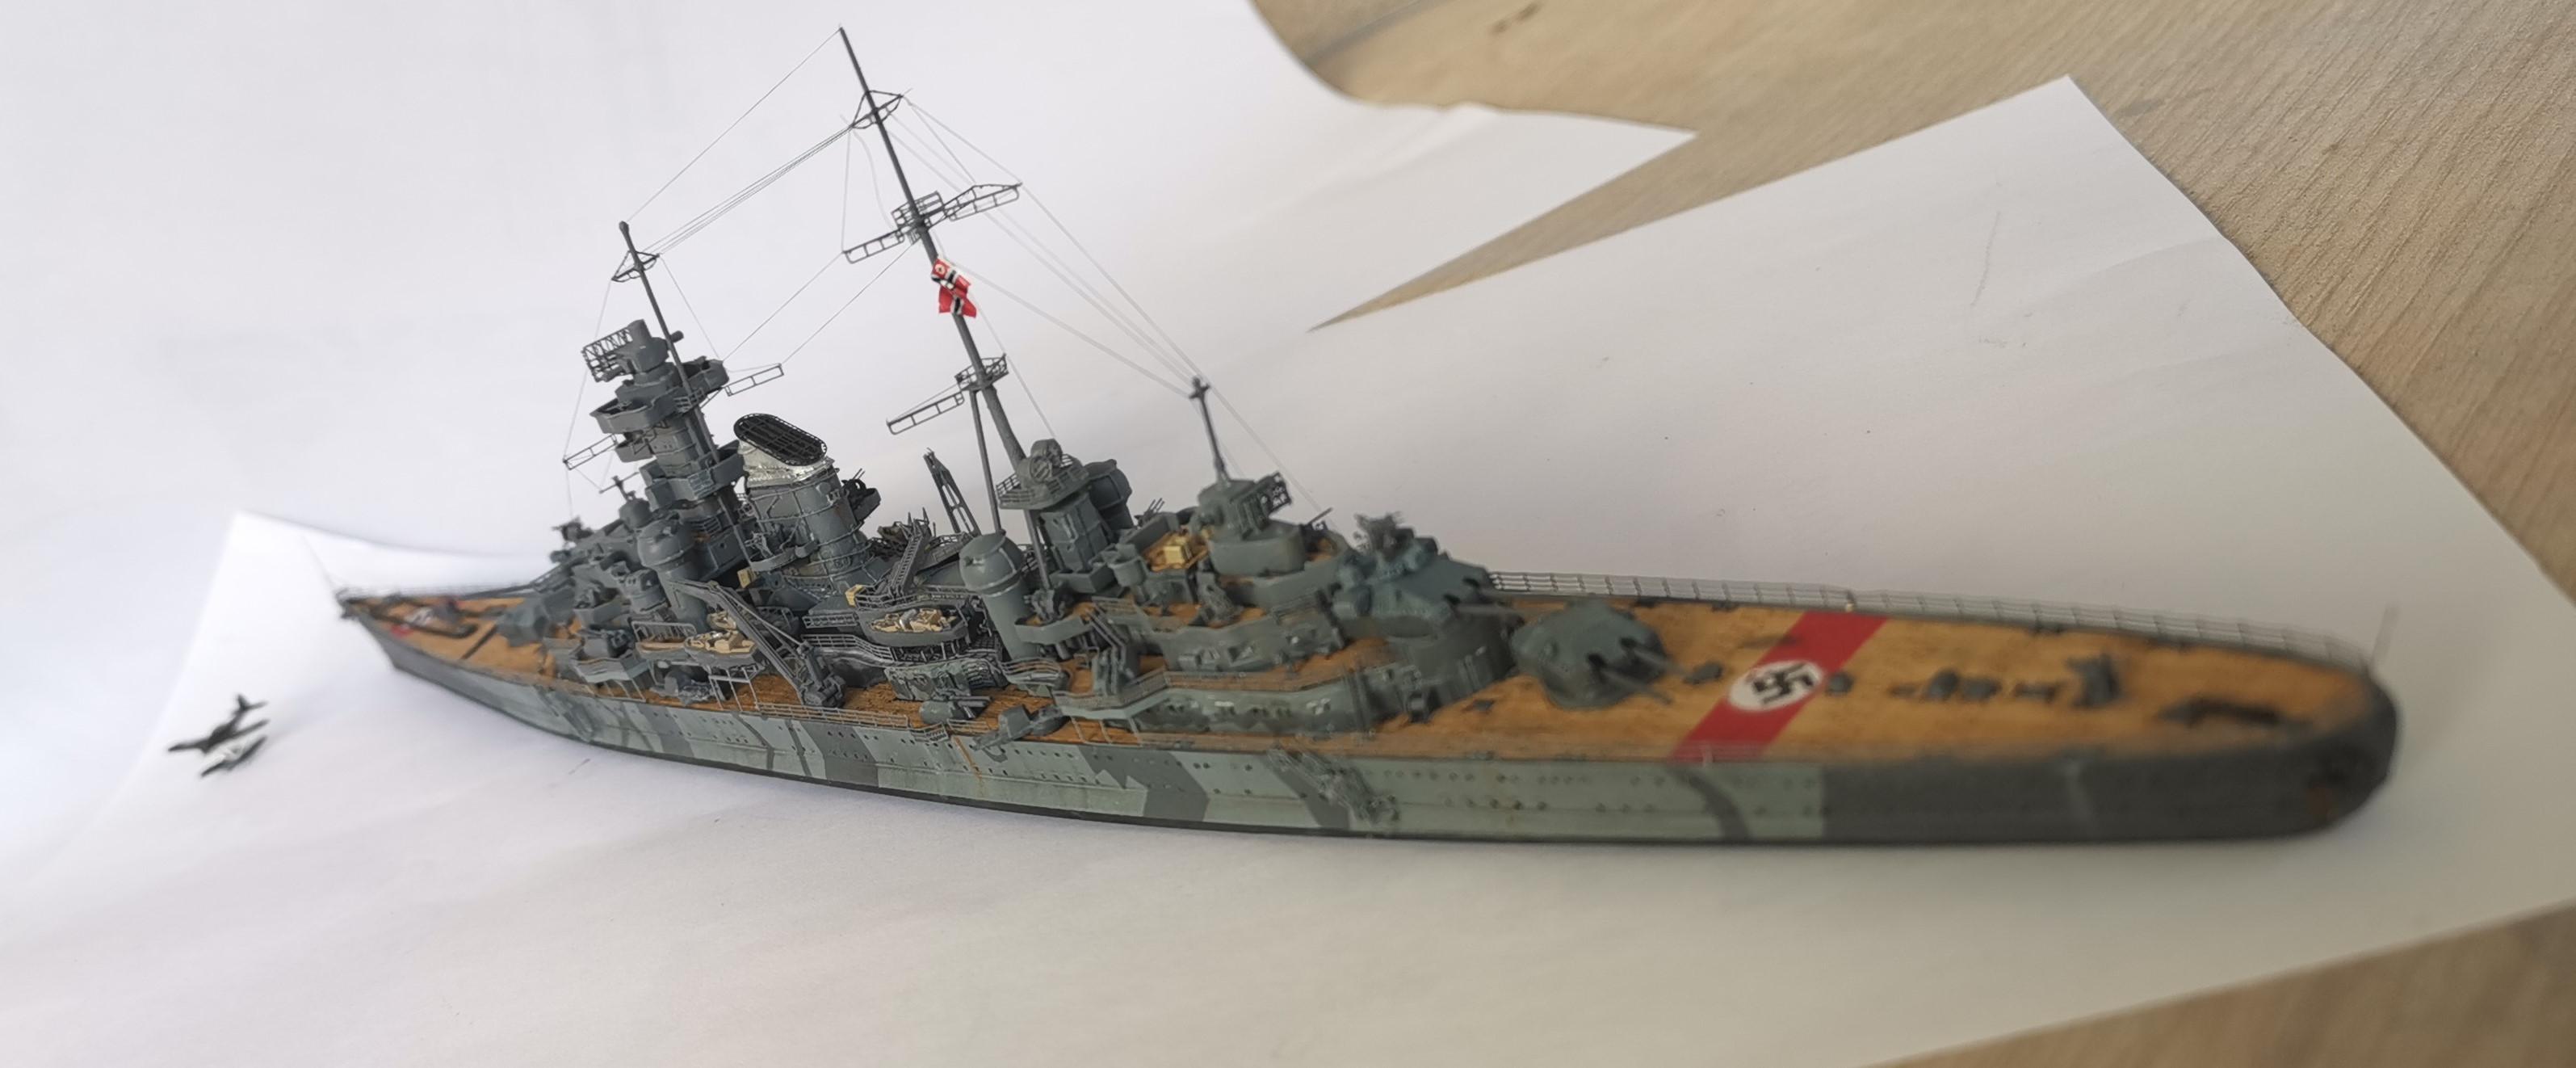 [TERMINE] Croiseur Prinz Eugen Trumpeter 1/700e, PE Flyhawk, pont en bois - Page 7 Prinz010